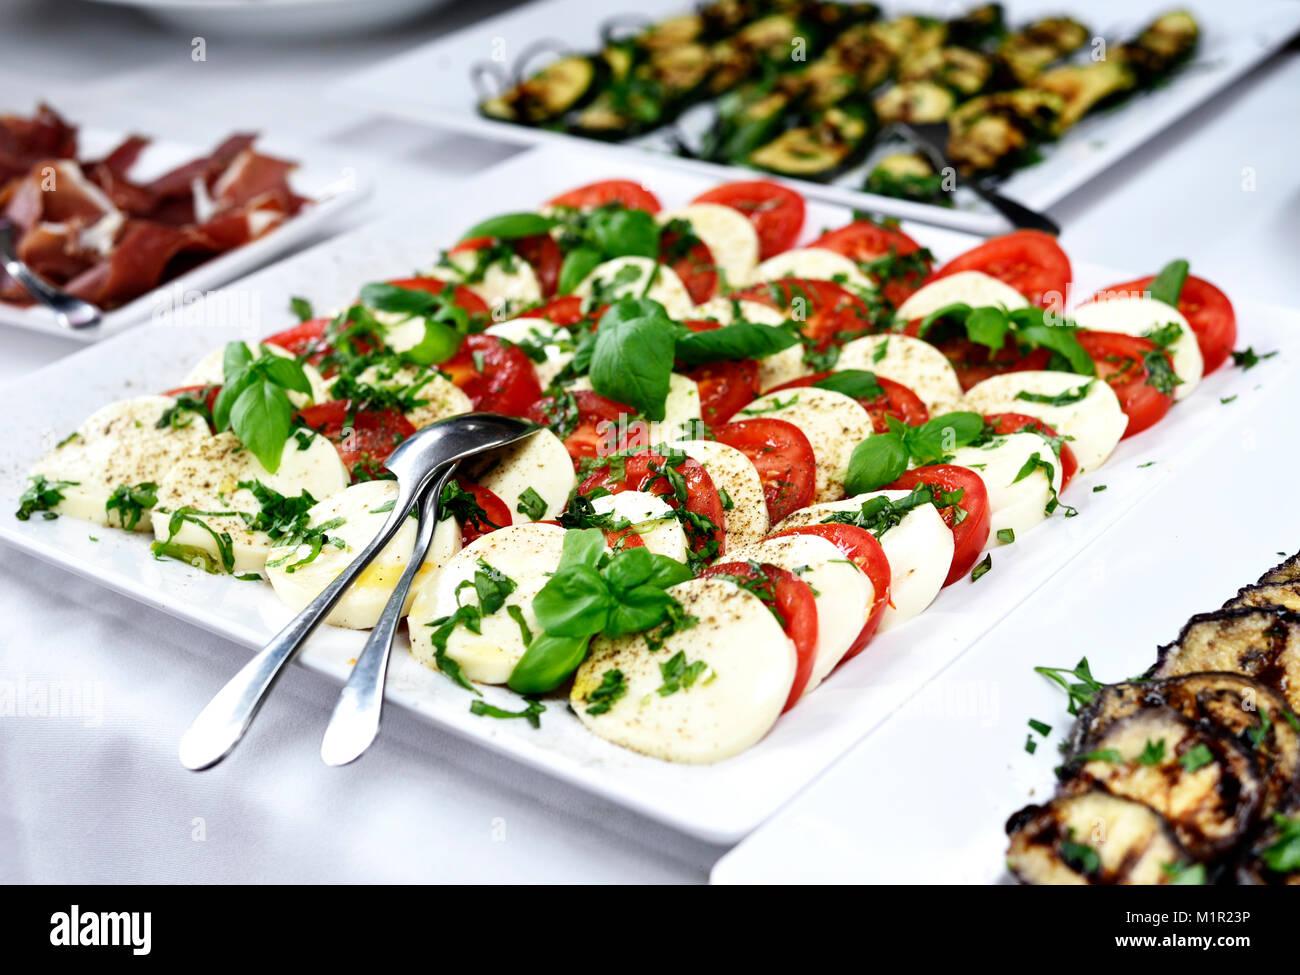 Antipasti a buffet o un banchetto con pomodoro e mozzarella piastra e di foglie di basilico fresco. Banchetto di Immagini Stock